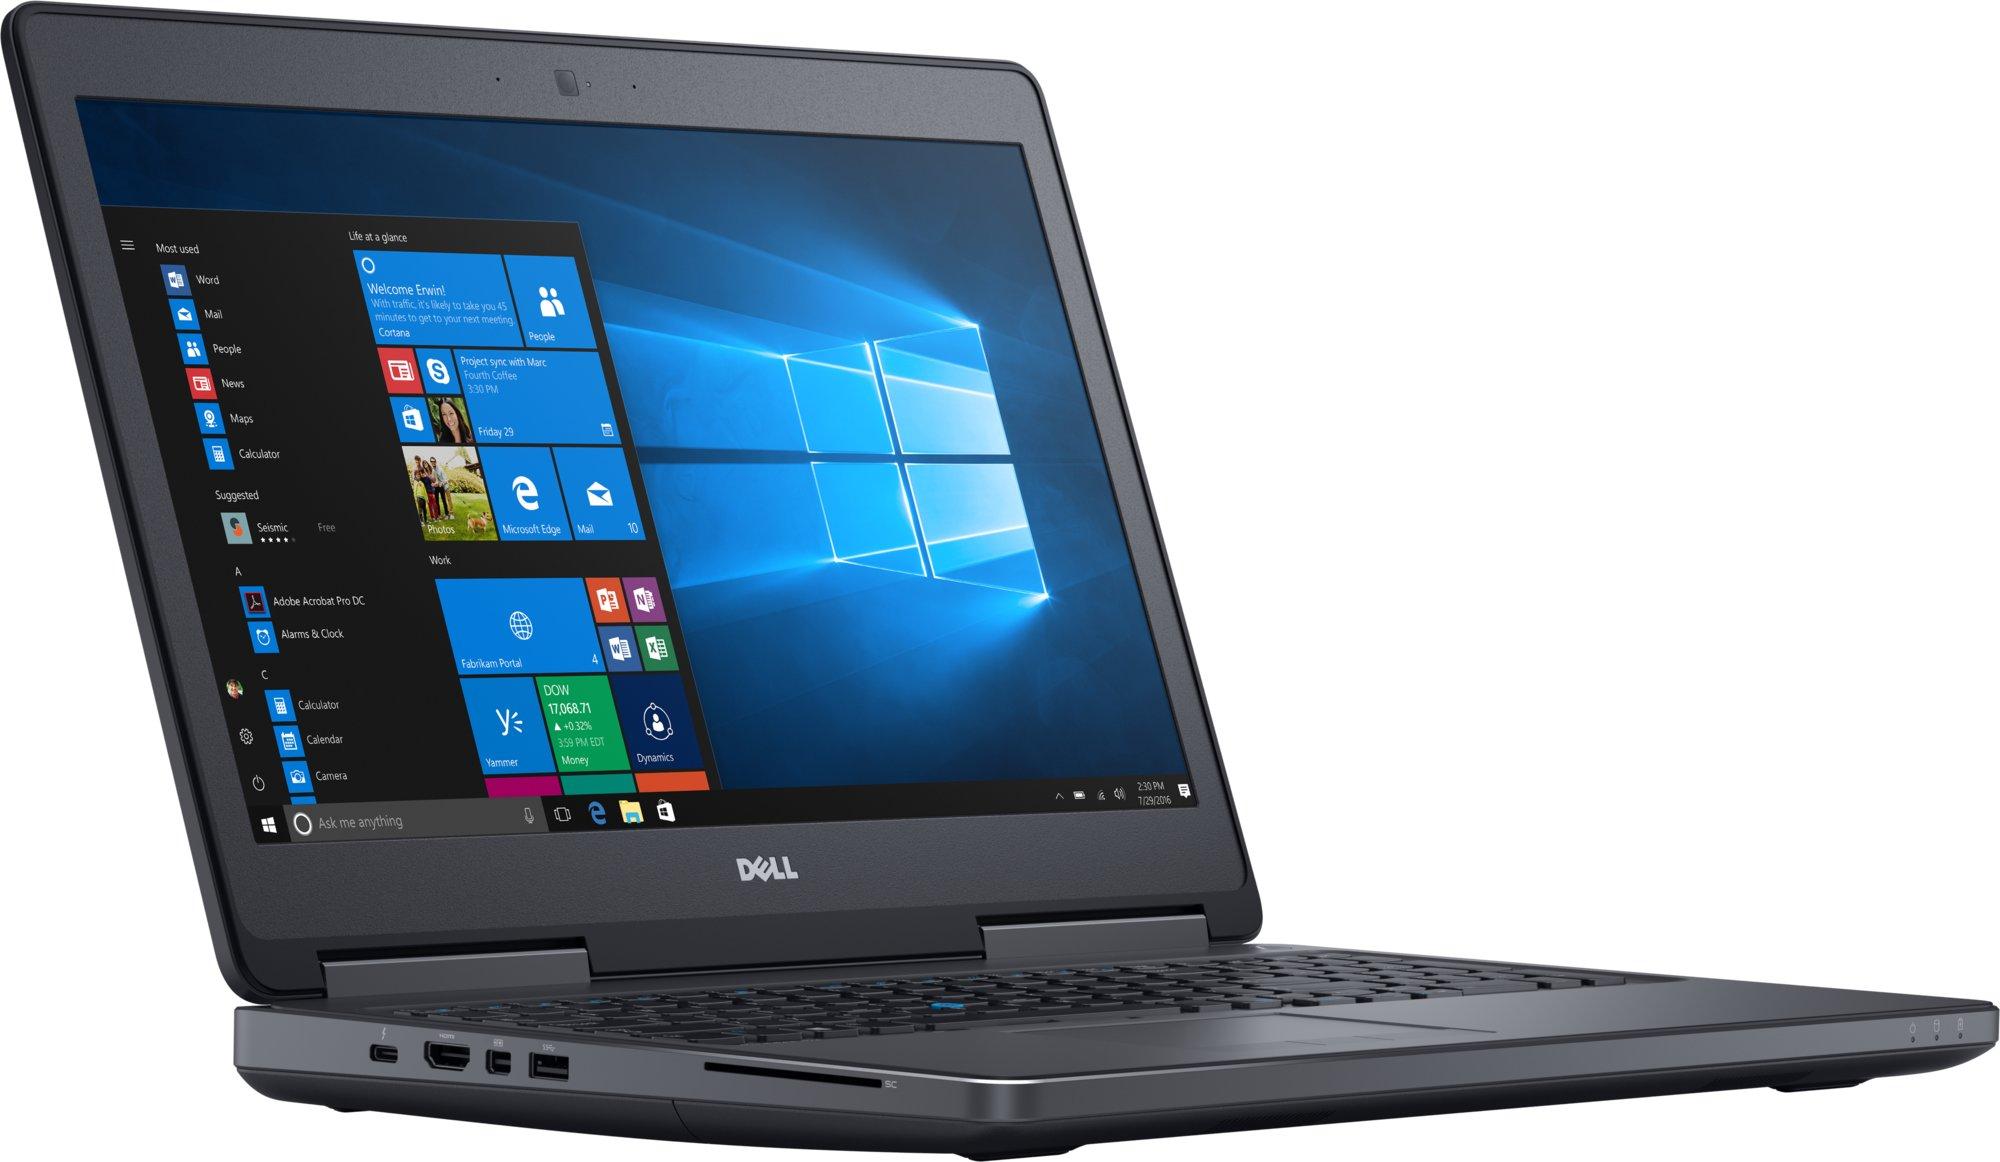 Dell Precision 15 (7520)